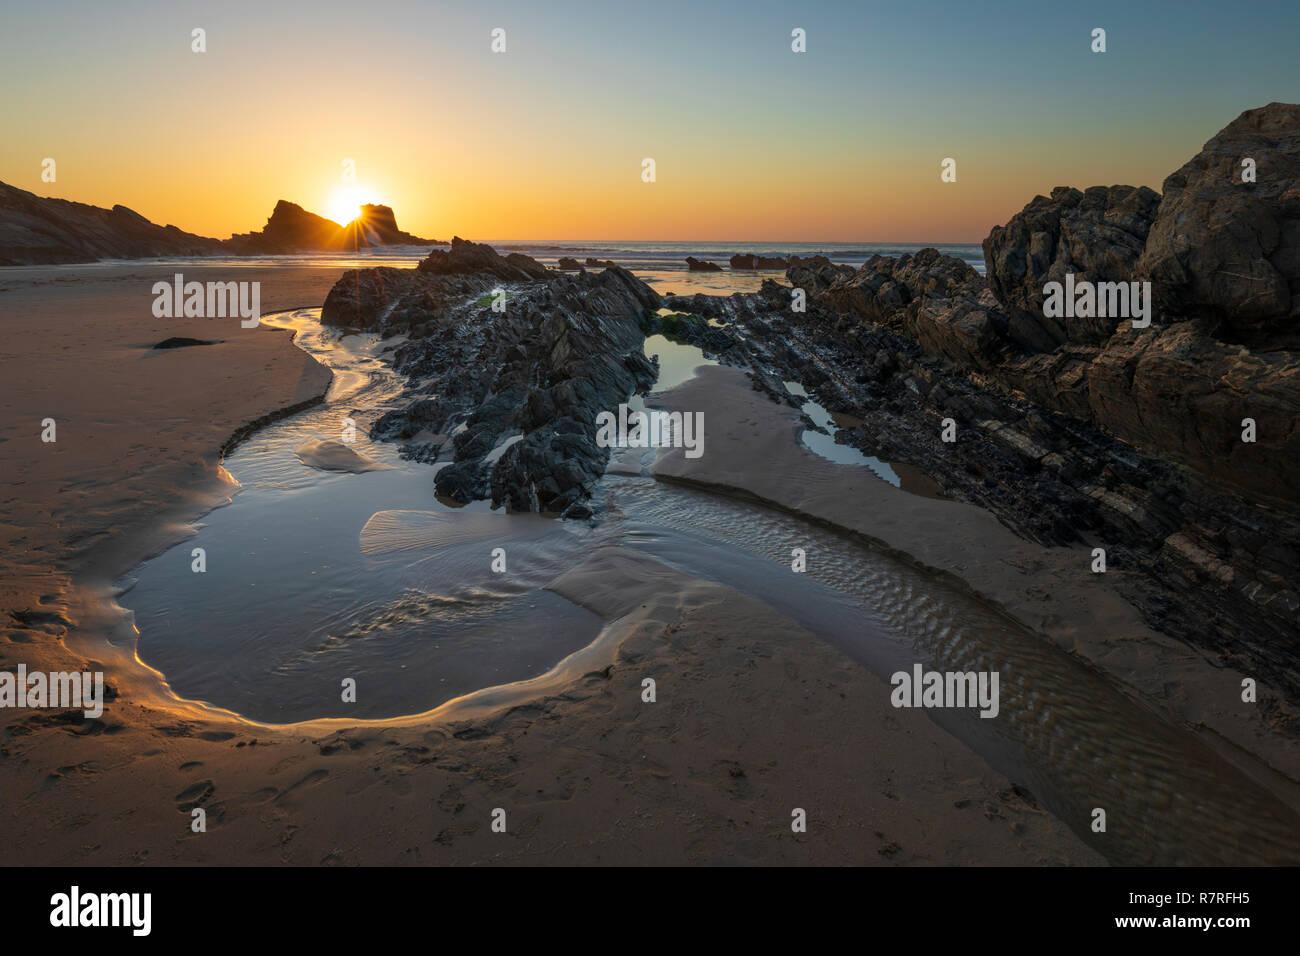 Pierres et piscine dans les rochers sur la plage à marée basse au coucher du soleil, Zambujeira do Mar, de l'Alentejo, Portugal, Europe Photo Stock